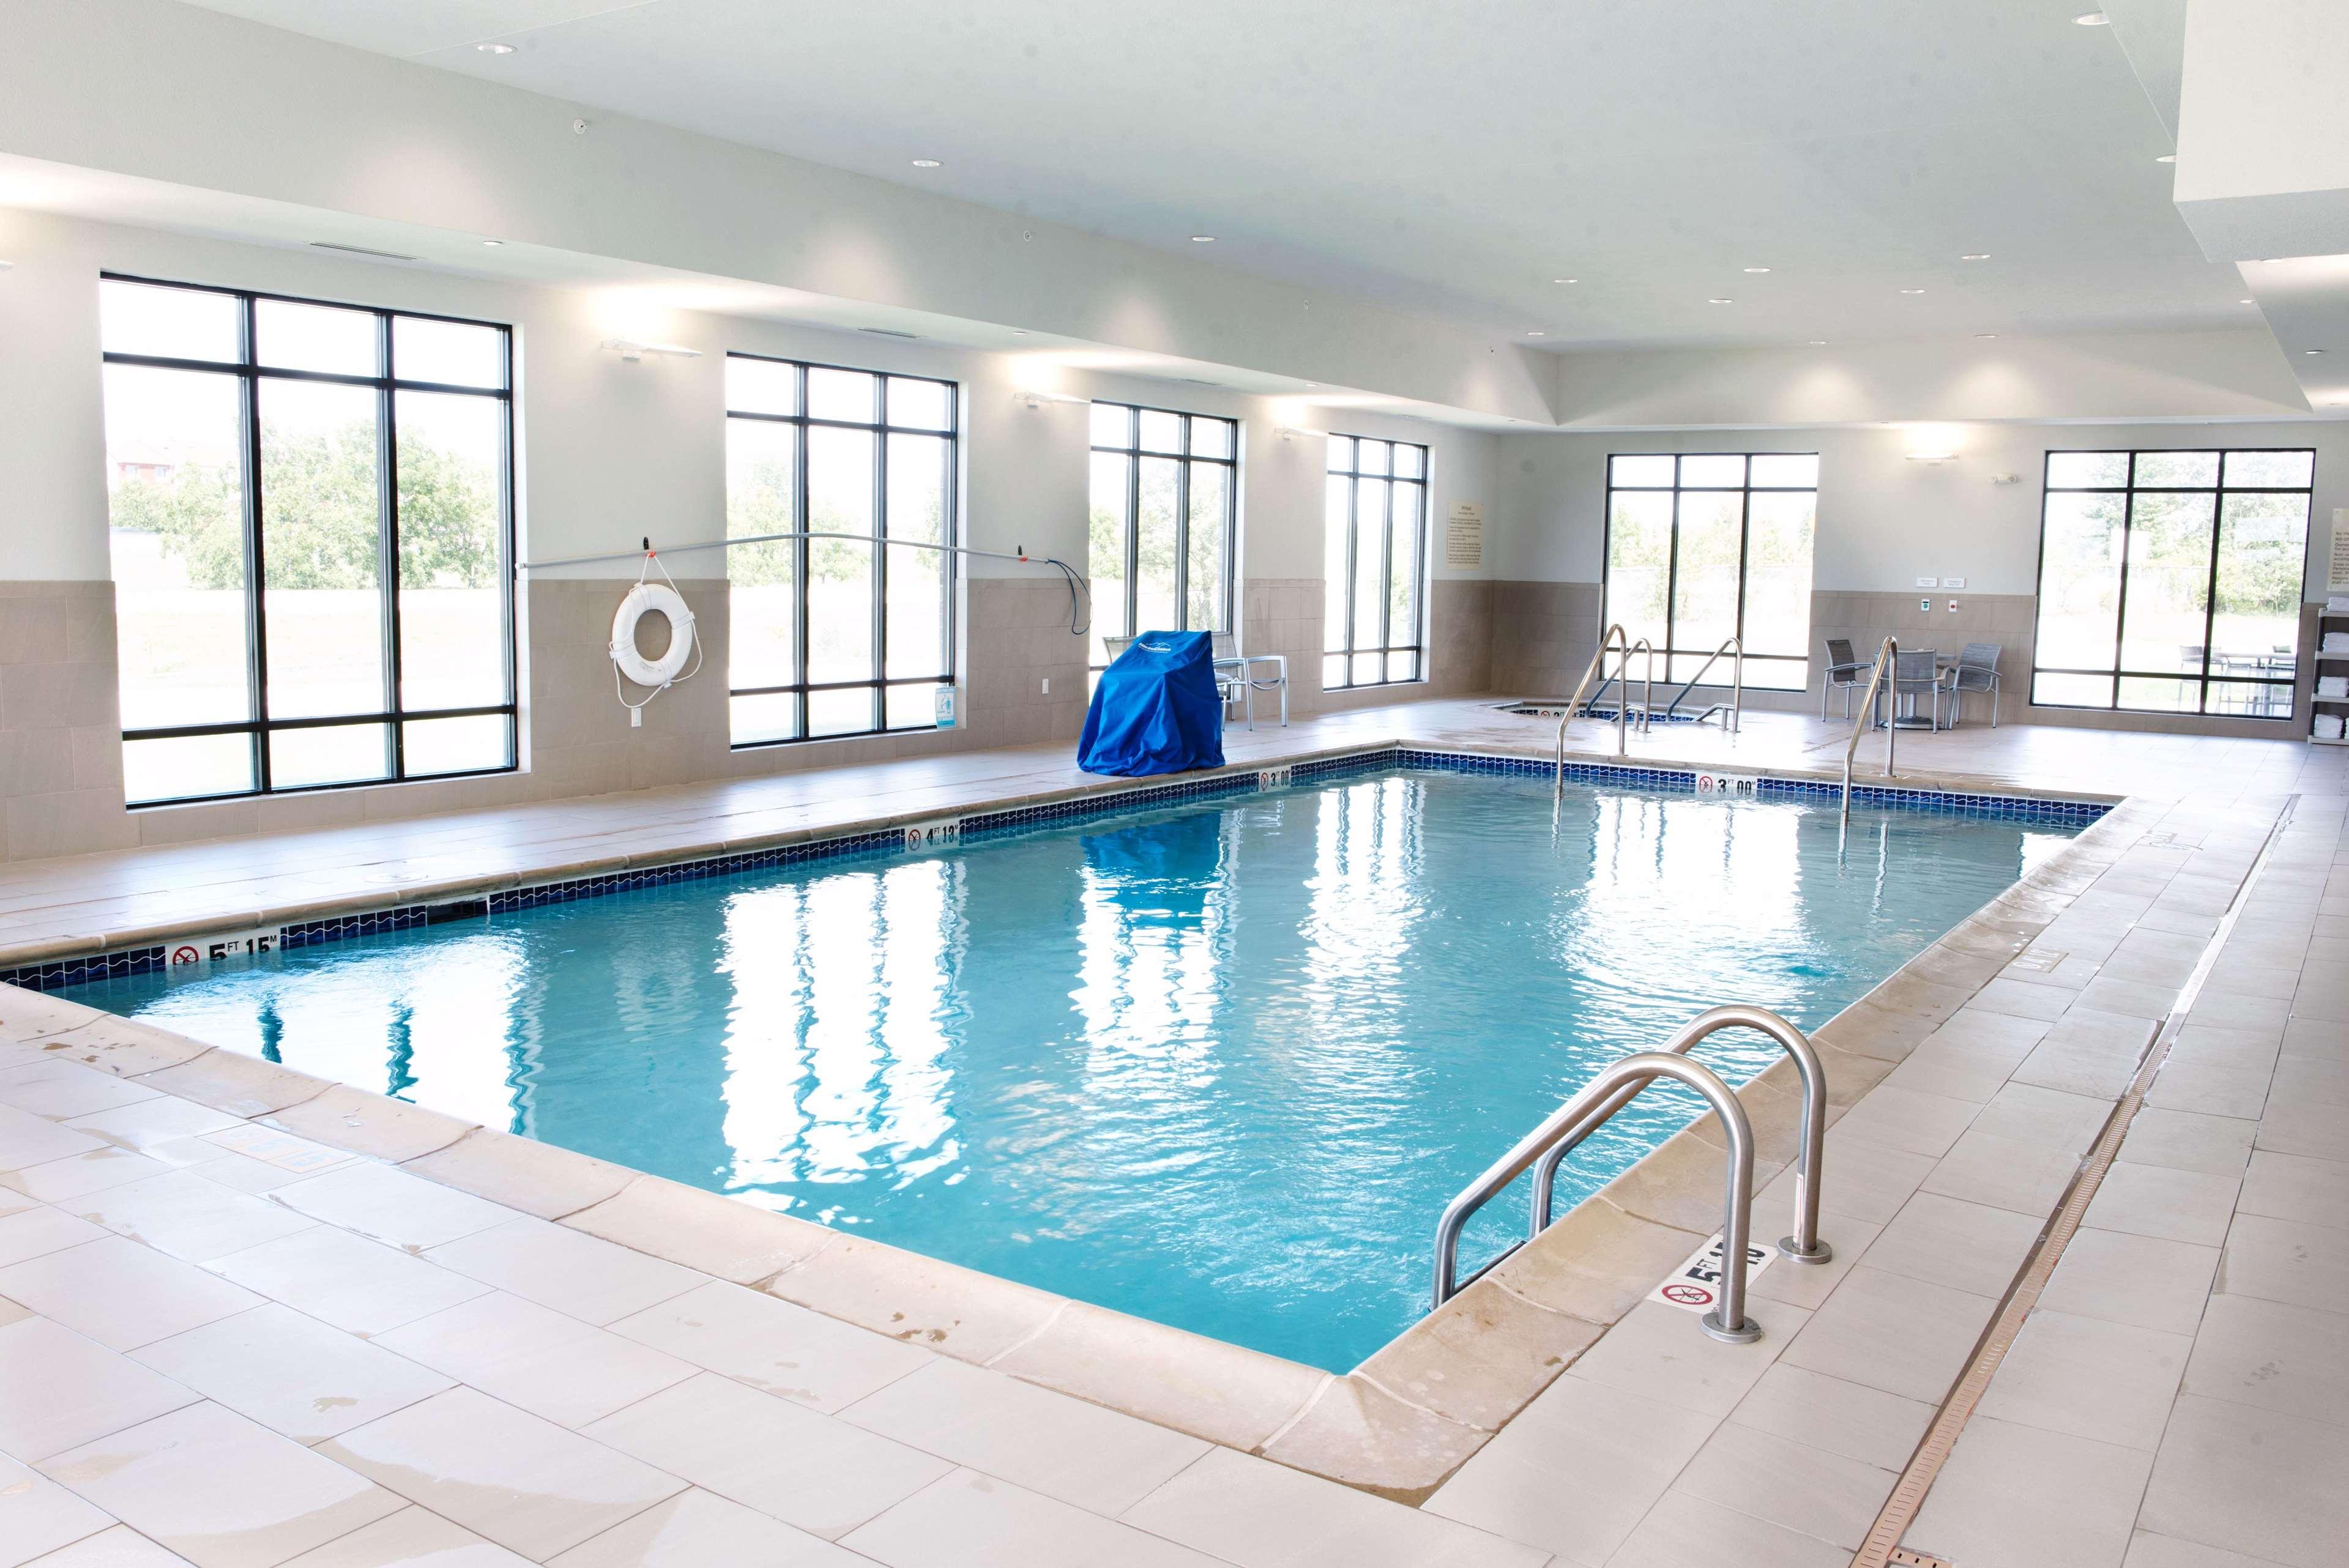 Hampton Inn & Suites Des Moines/Urbandale image 7